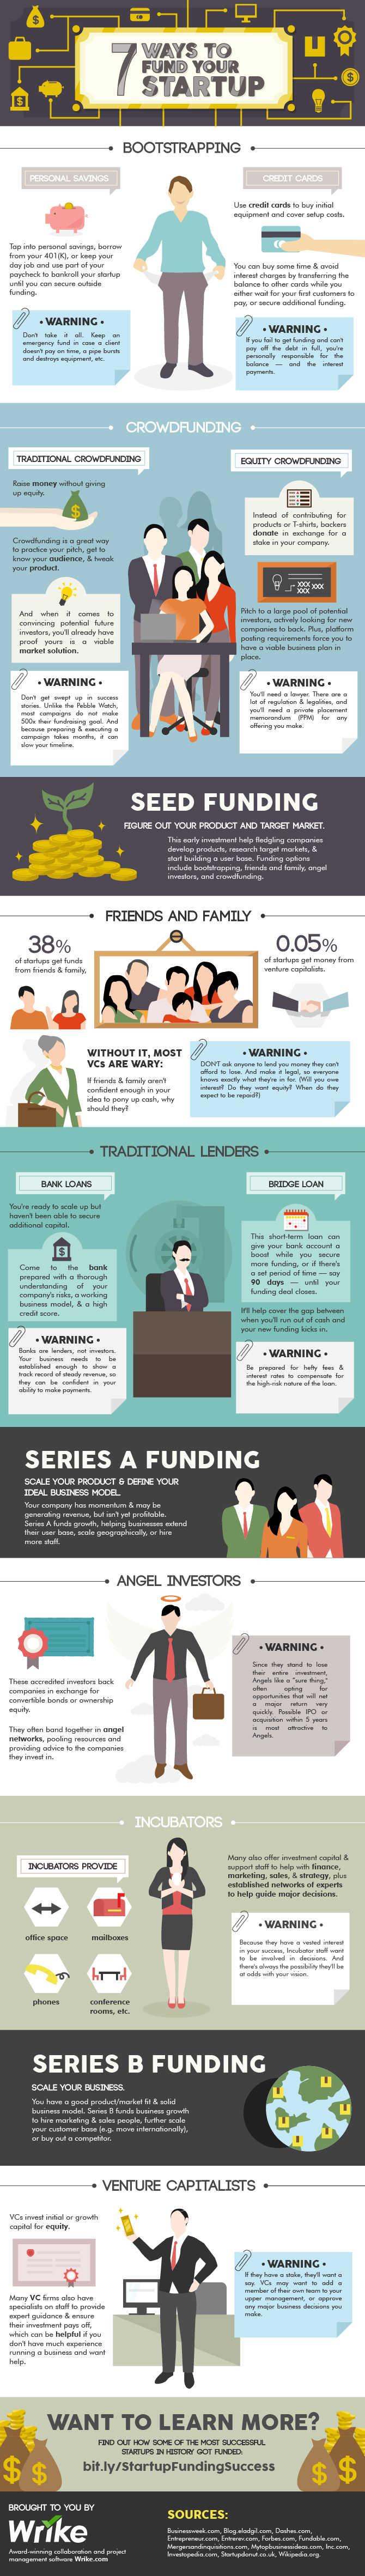 7-ways-fund-startup